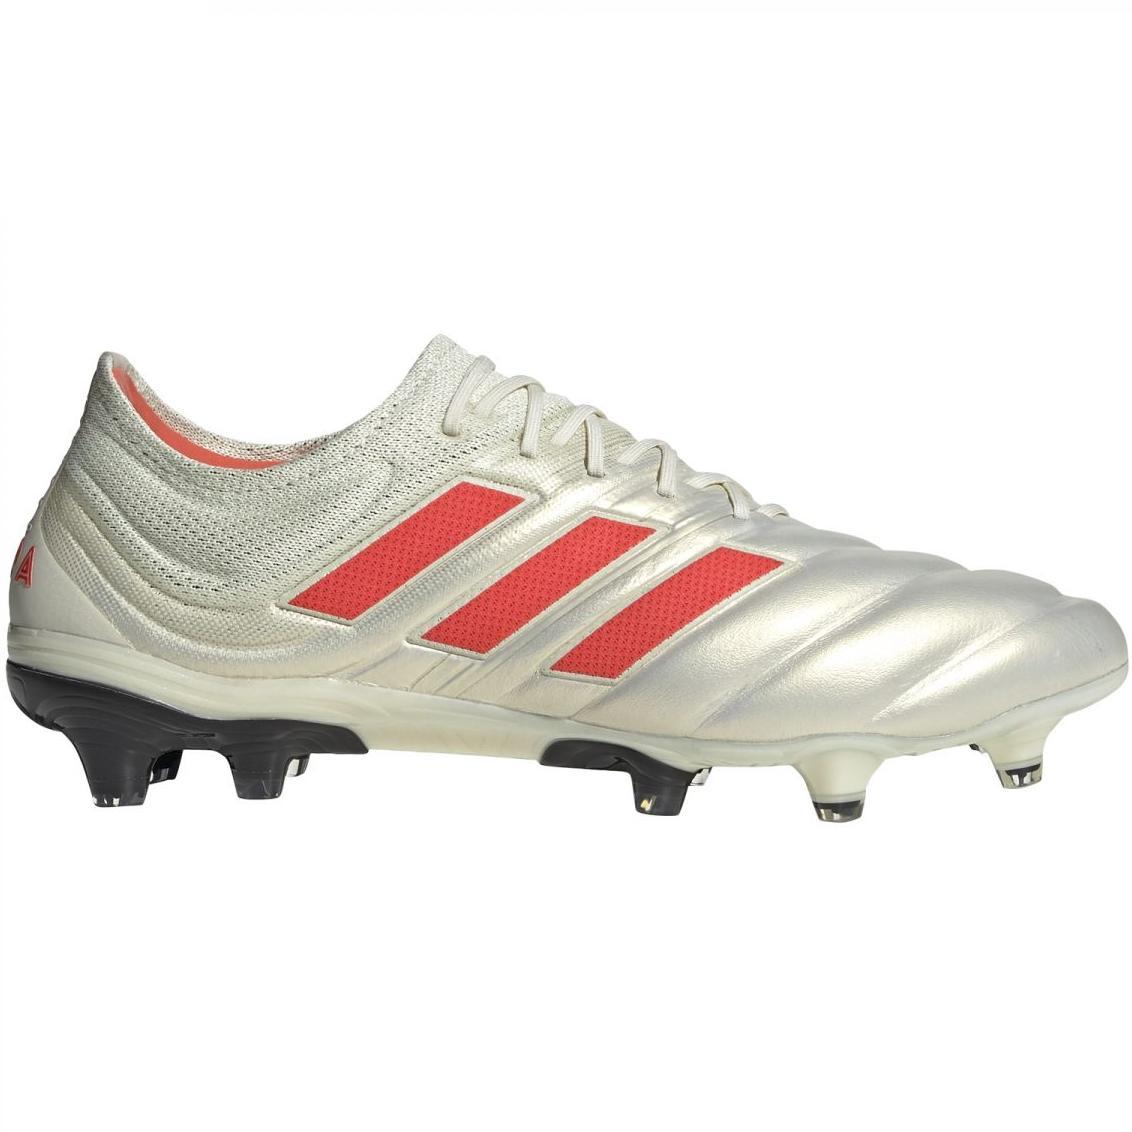 buy popular 12192 18a62 adidas Copa 19.1 FG